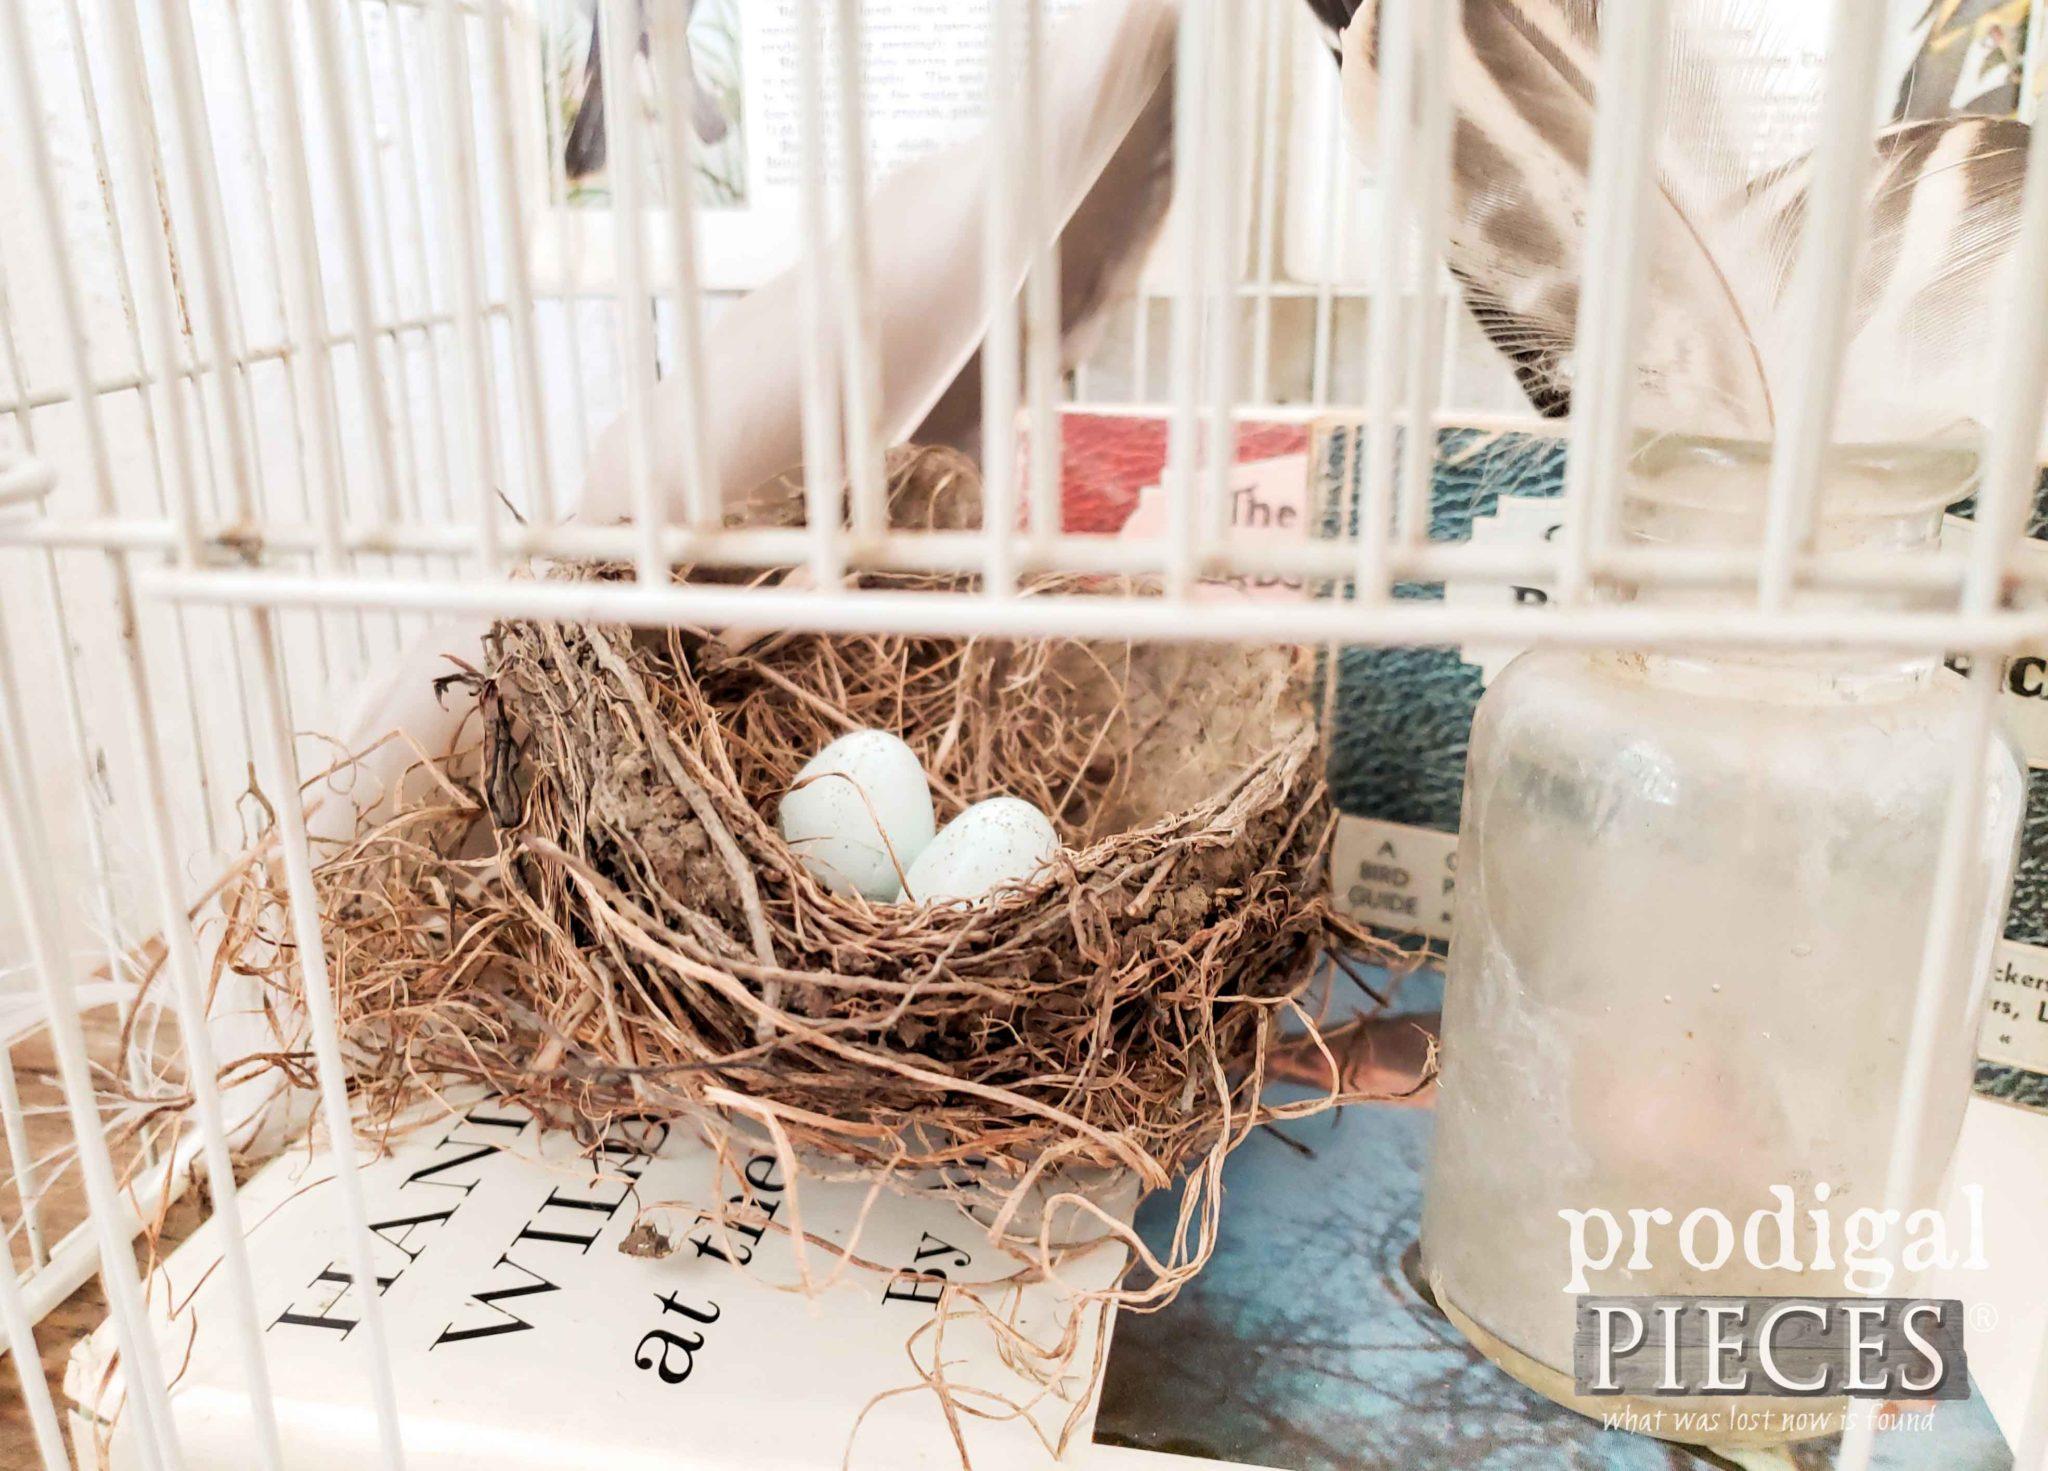 Found Nest with Broken Robins Egg Shells for Farmhouse Vignette | prodigalpieces.com #prodigalpieces #birds #farmhouse #home #homedecor